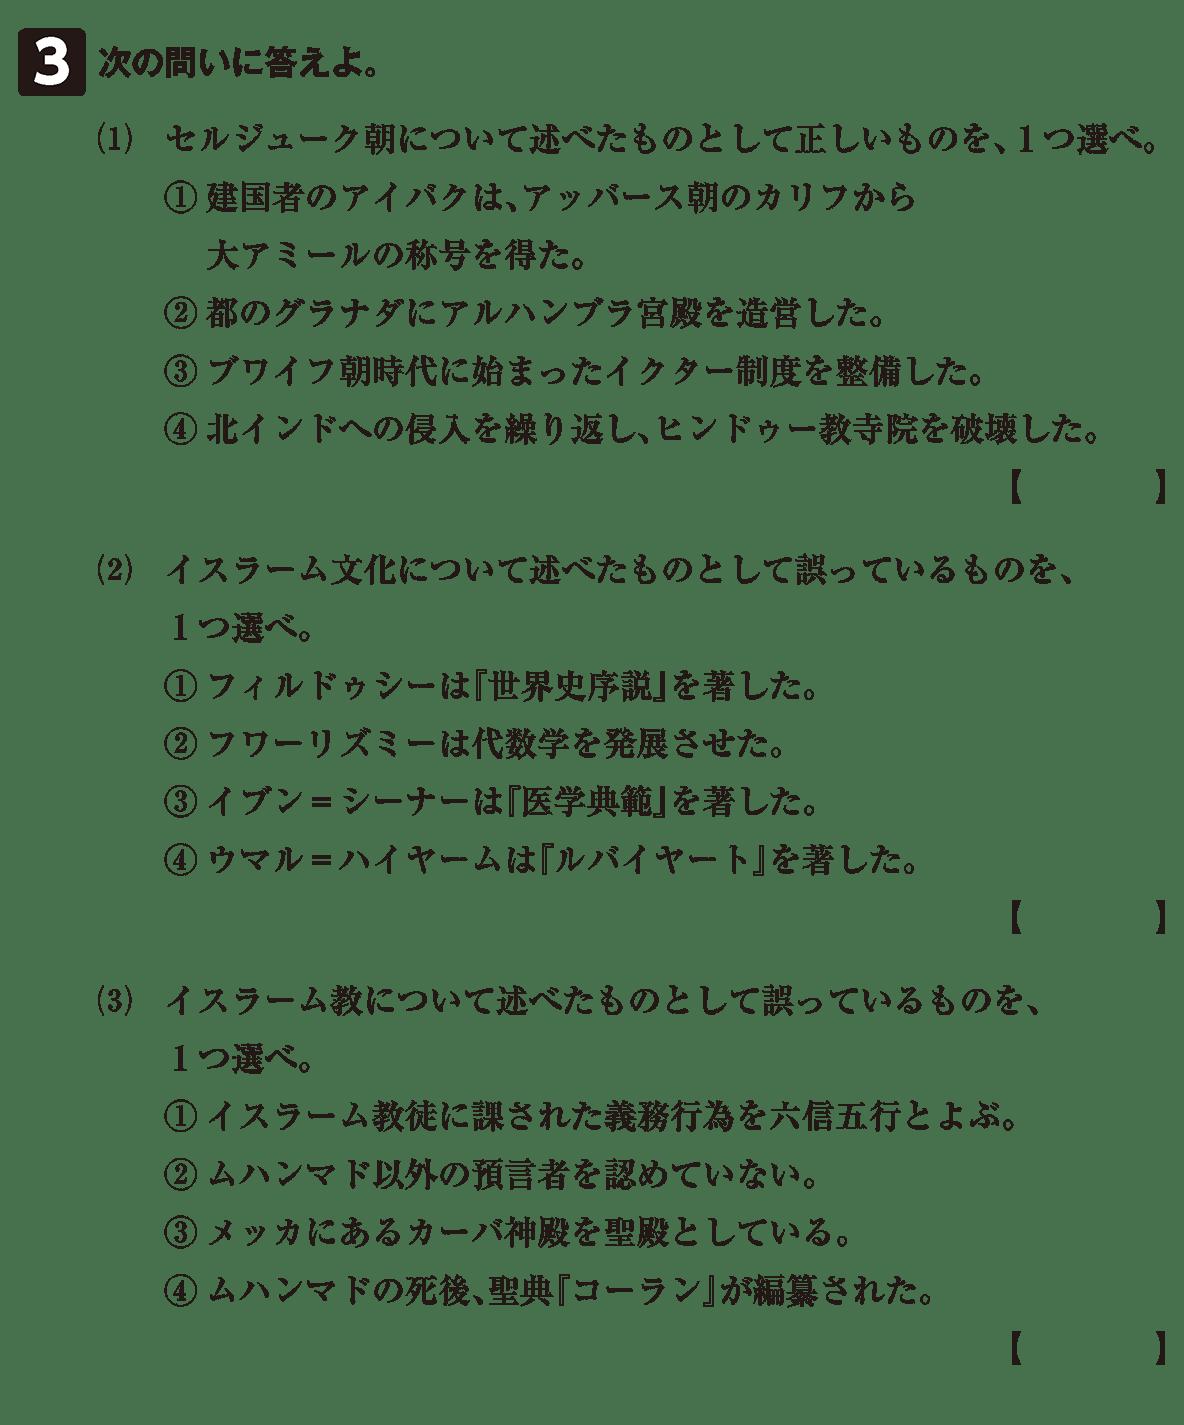 高校世界史 イスラーム世界8 確認テスト(後半)問題3